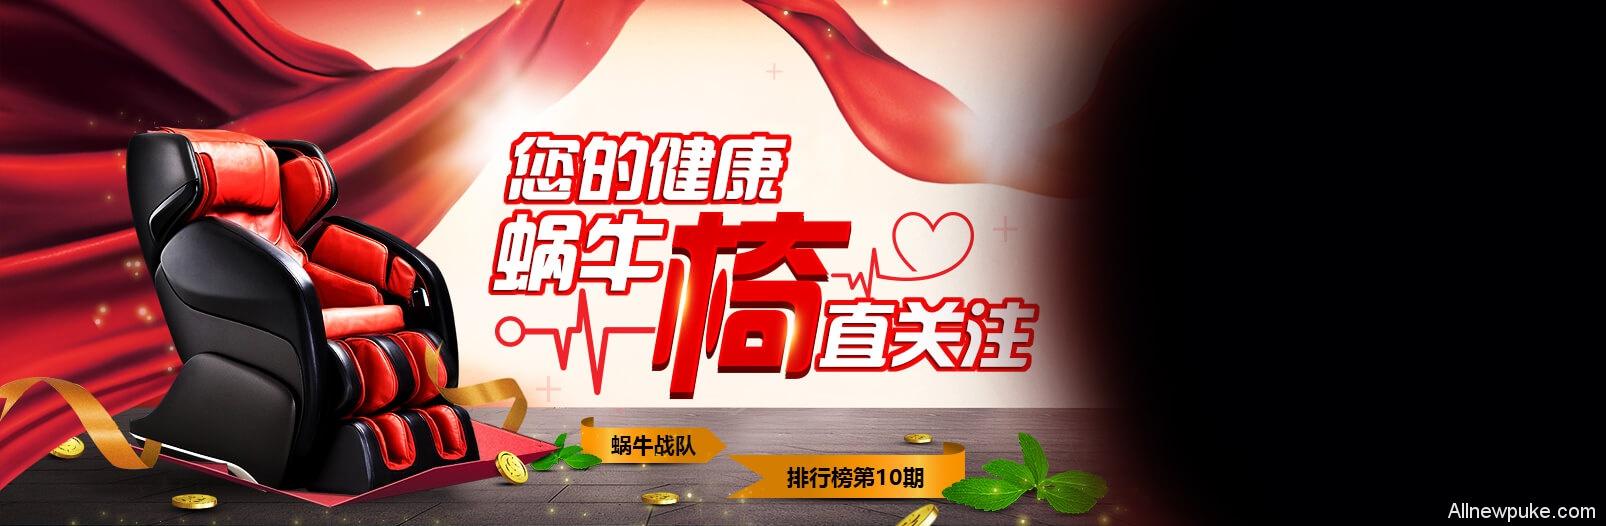 蜗牛扑克(www.allnew366.com)亚洲厅每周四进行例行维护